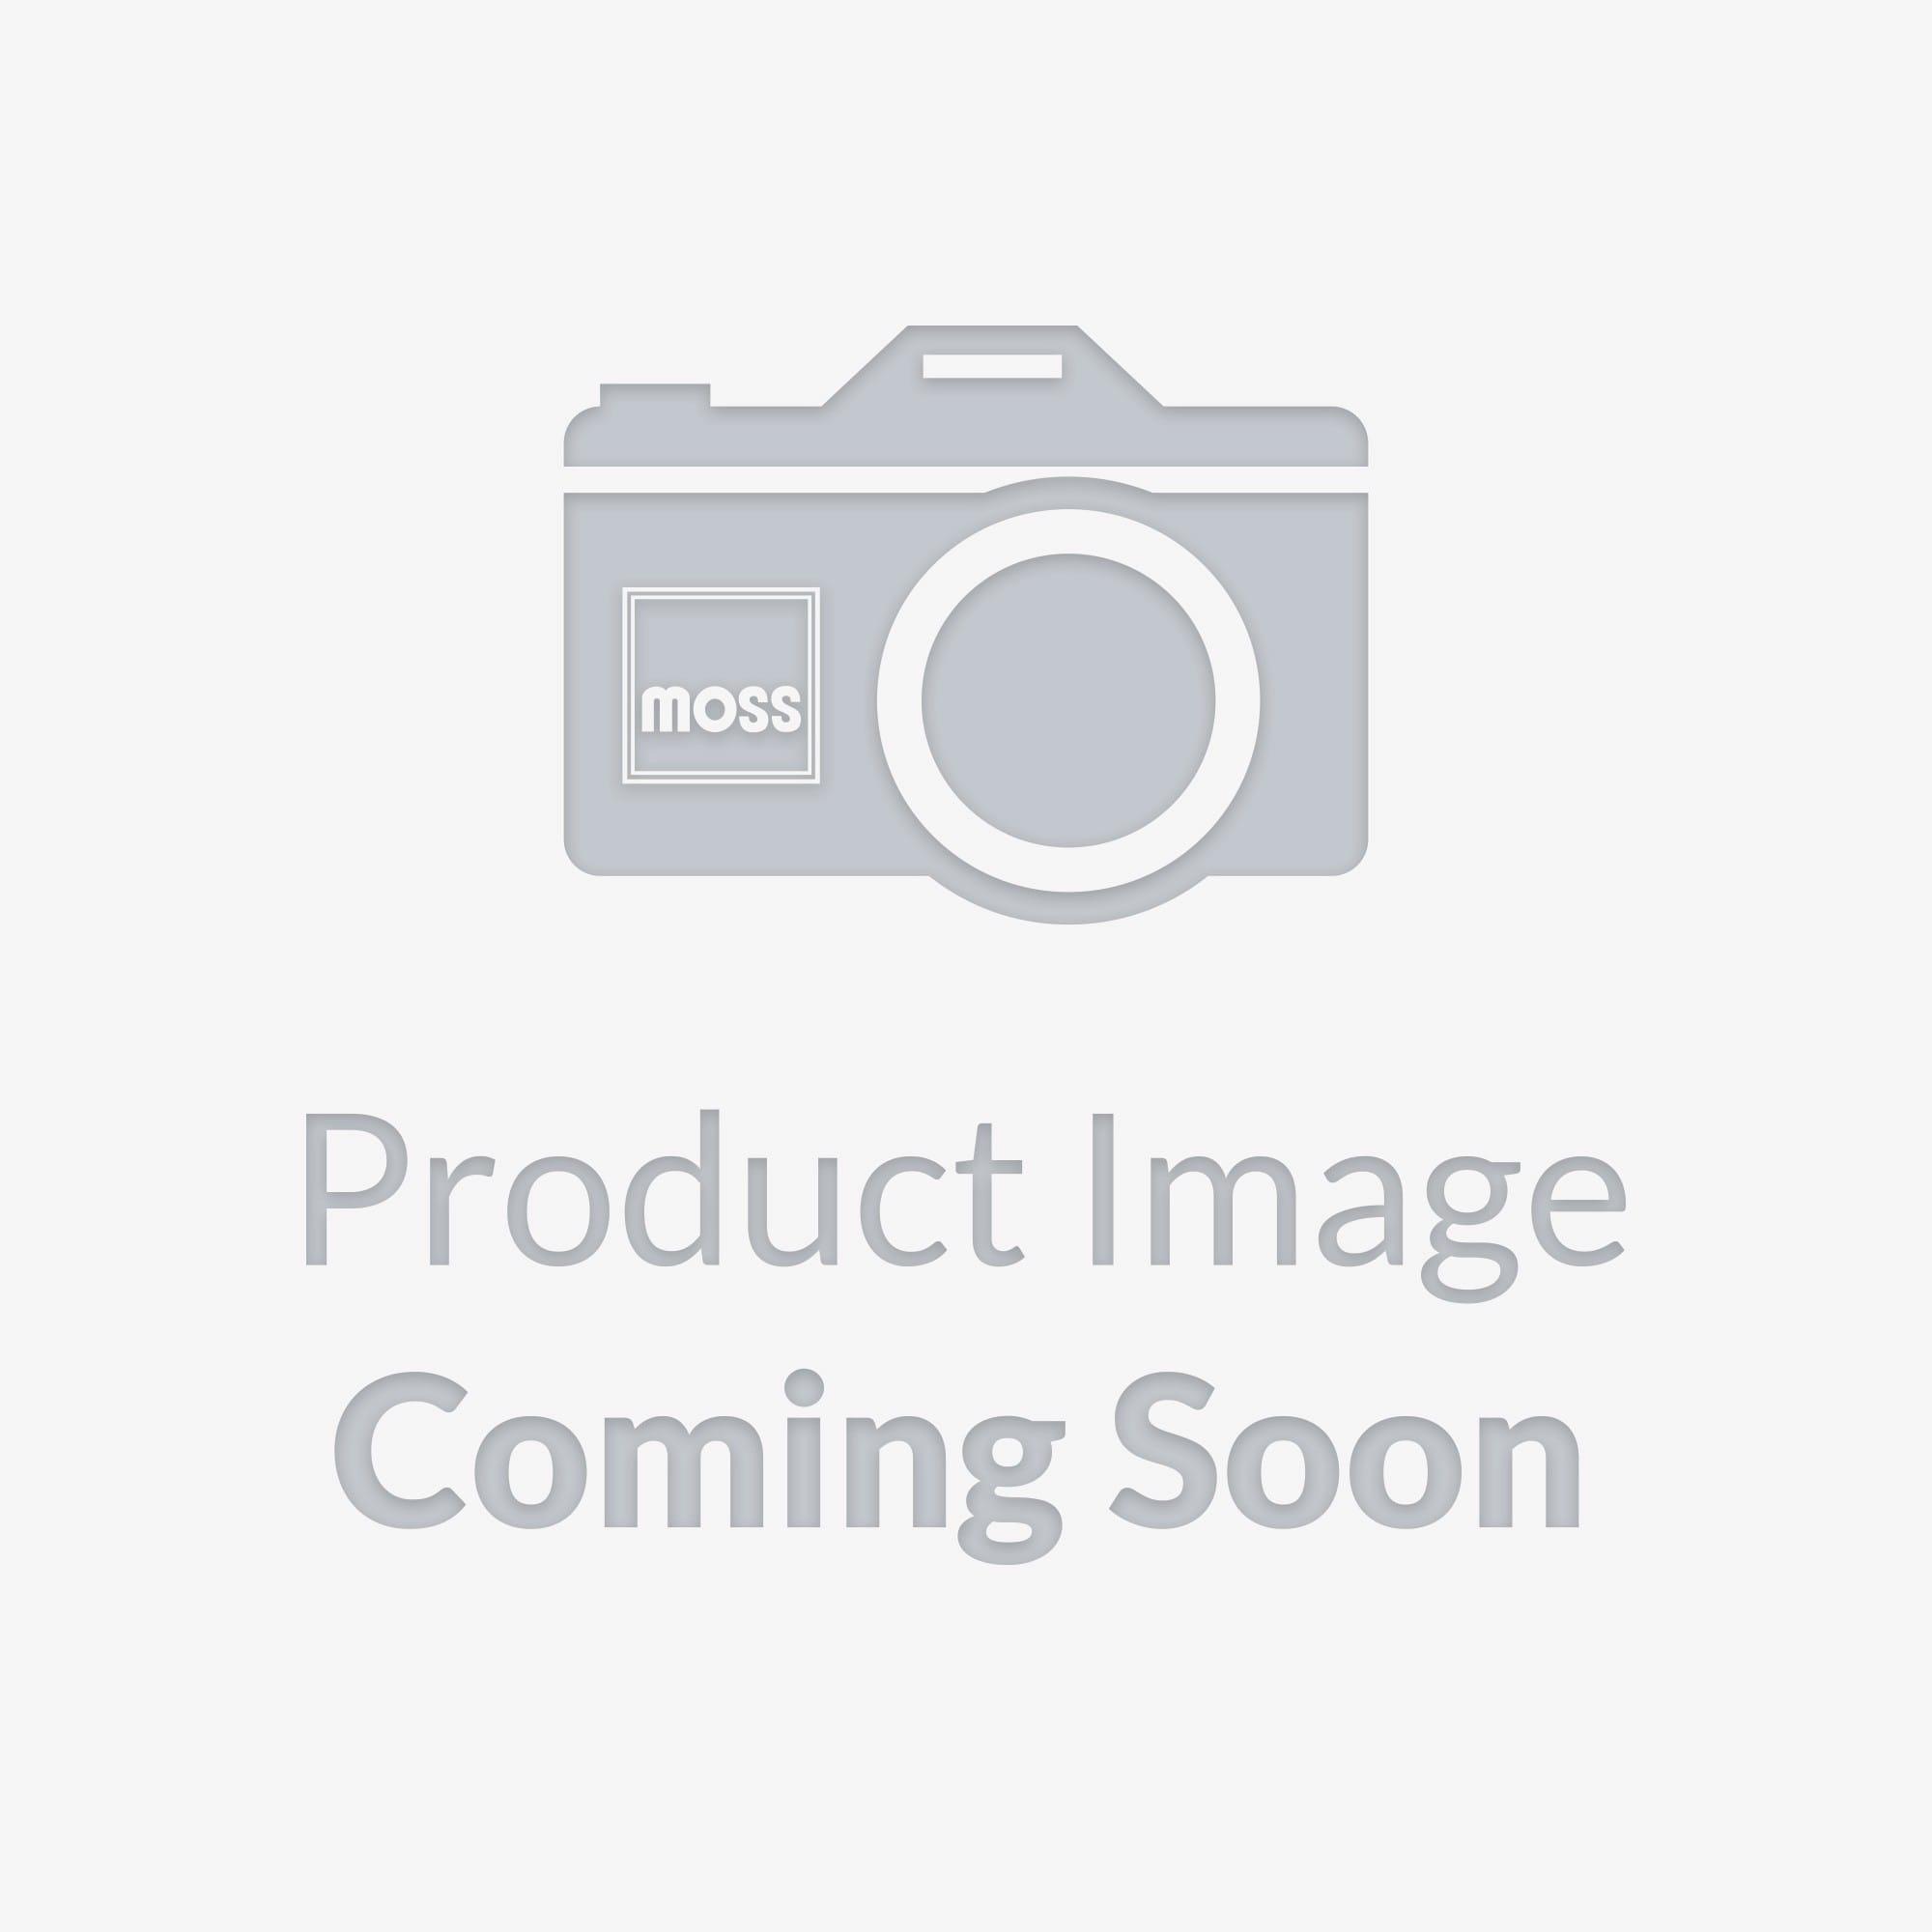 external gearbox 1962 74 3 rail gearbox driveshaft clutch Fiat 124 Spindle external gearbox 1962 74 3 rail